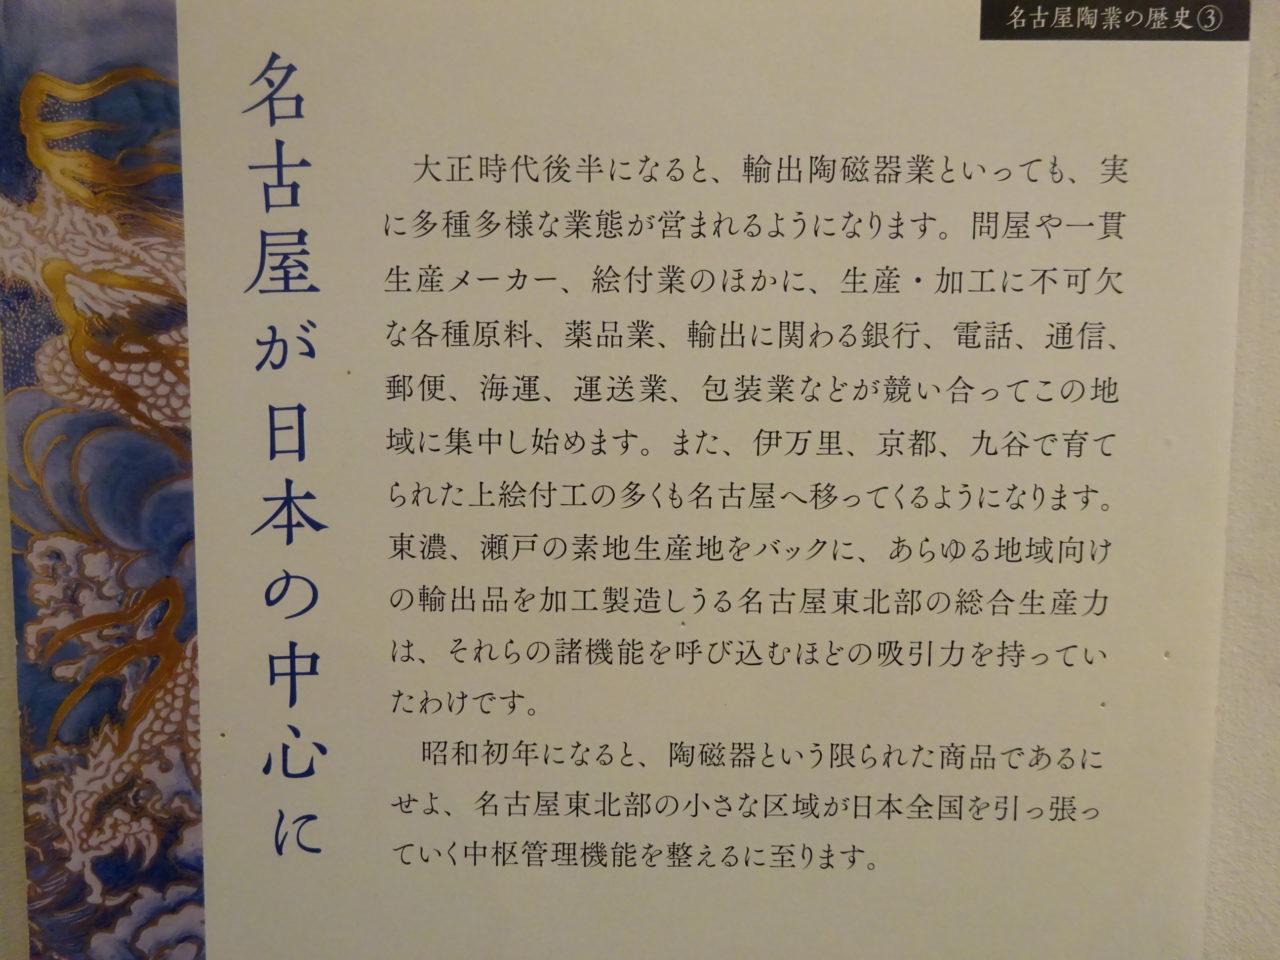 日本最大の陶磁器産業